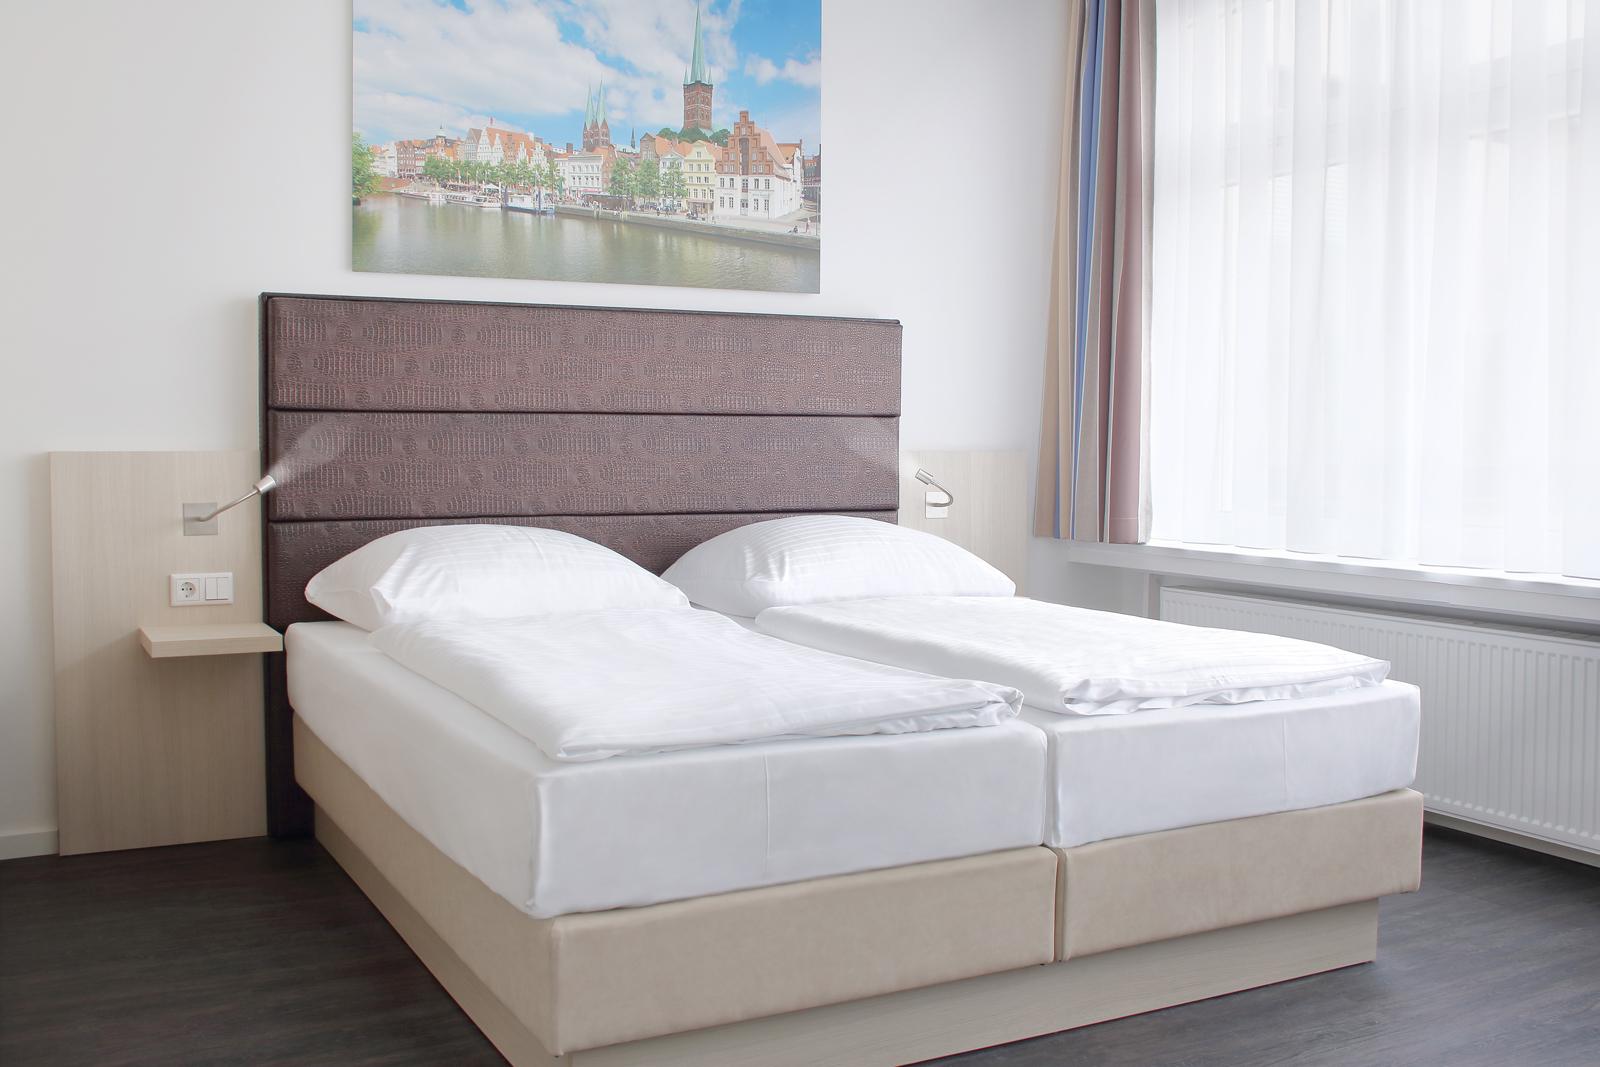 Viva Hotel Lubeck Gunstiges Hotel In Lubeck Ab 49 Buchen